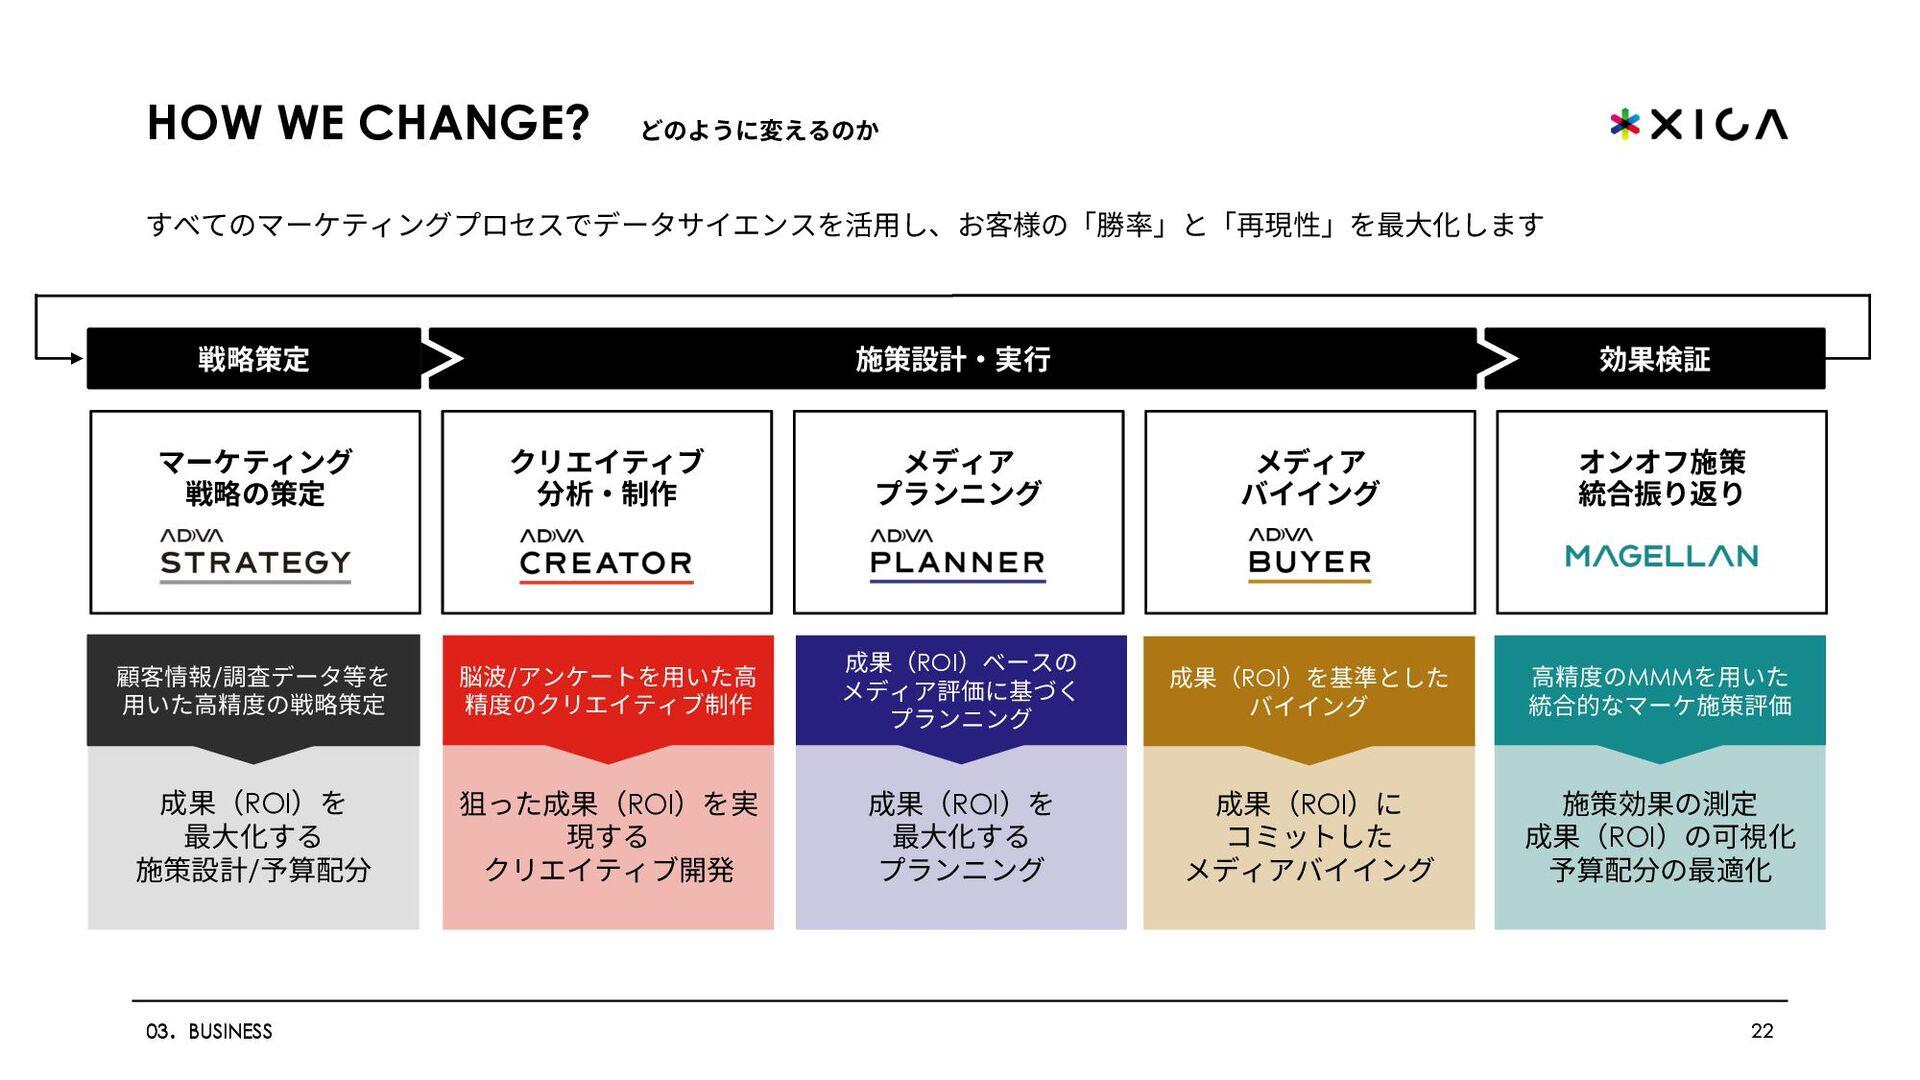 ADVA MAGELLAN アドバ マゼランとは︖ 22 03.BUSINESS オフライン広...